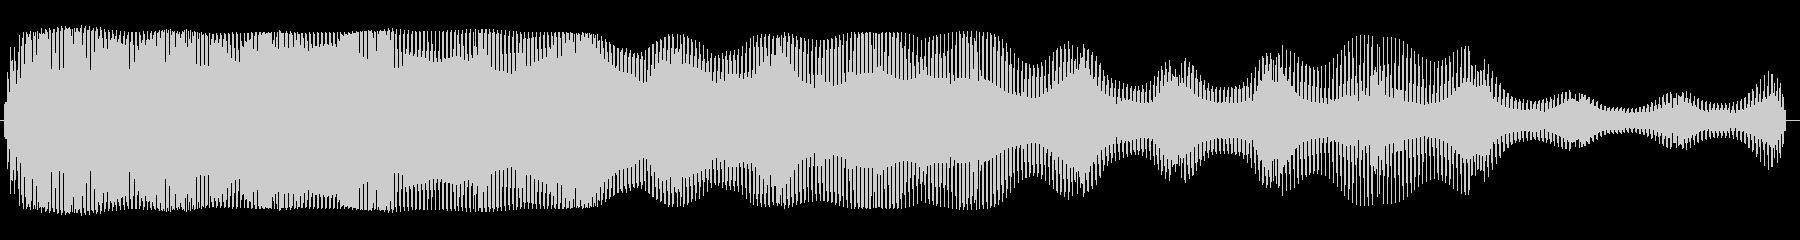 ワープエンジン(不気味な感じの効果音)の未再生の波形